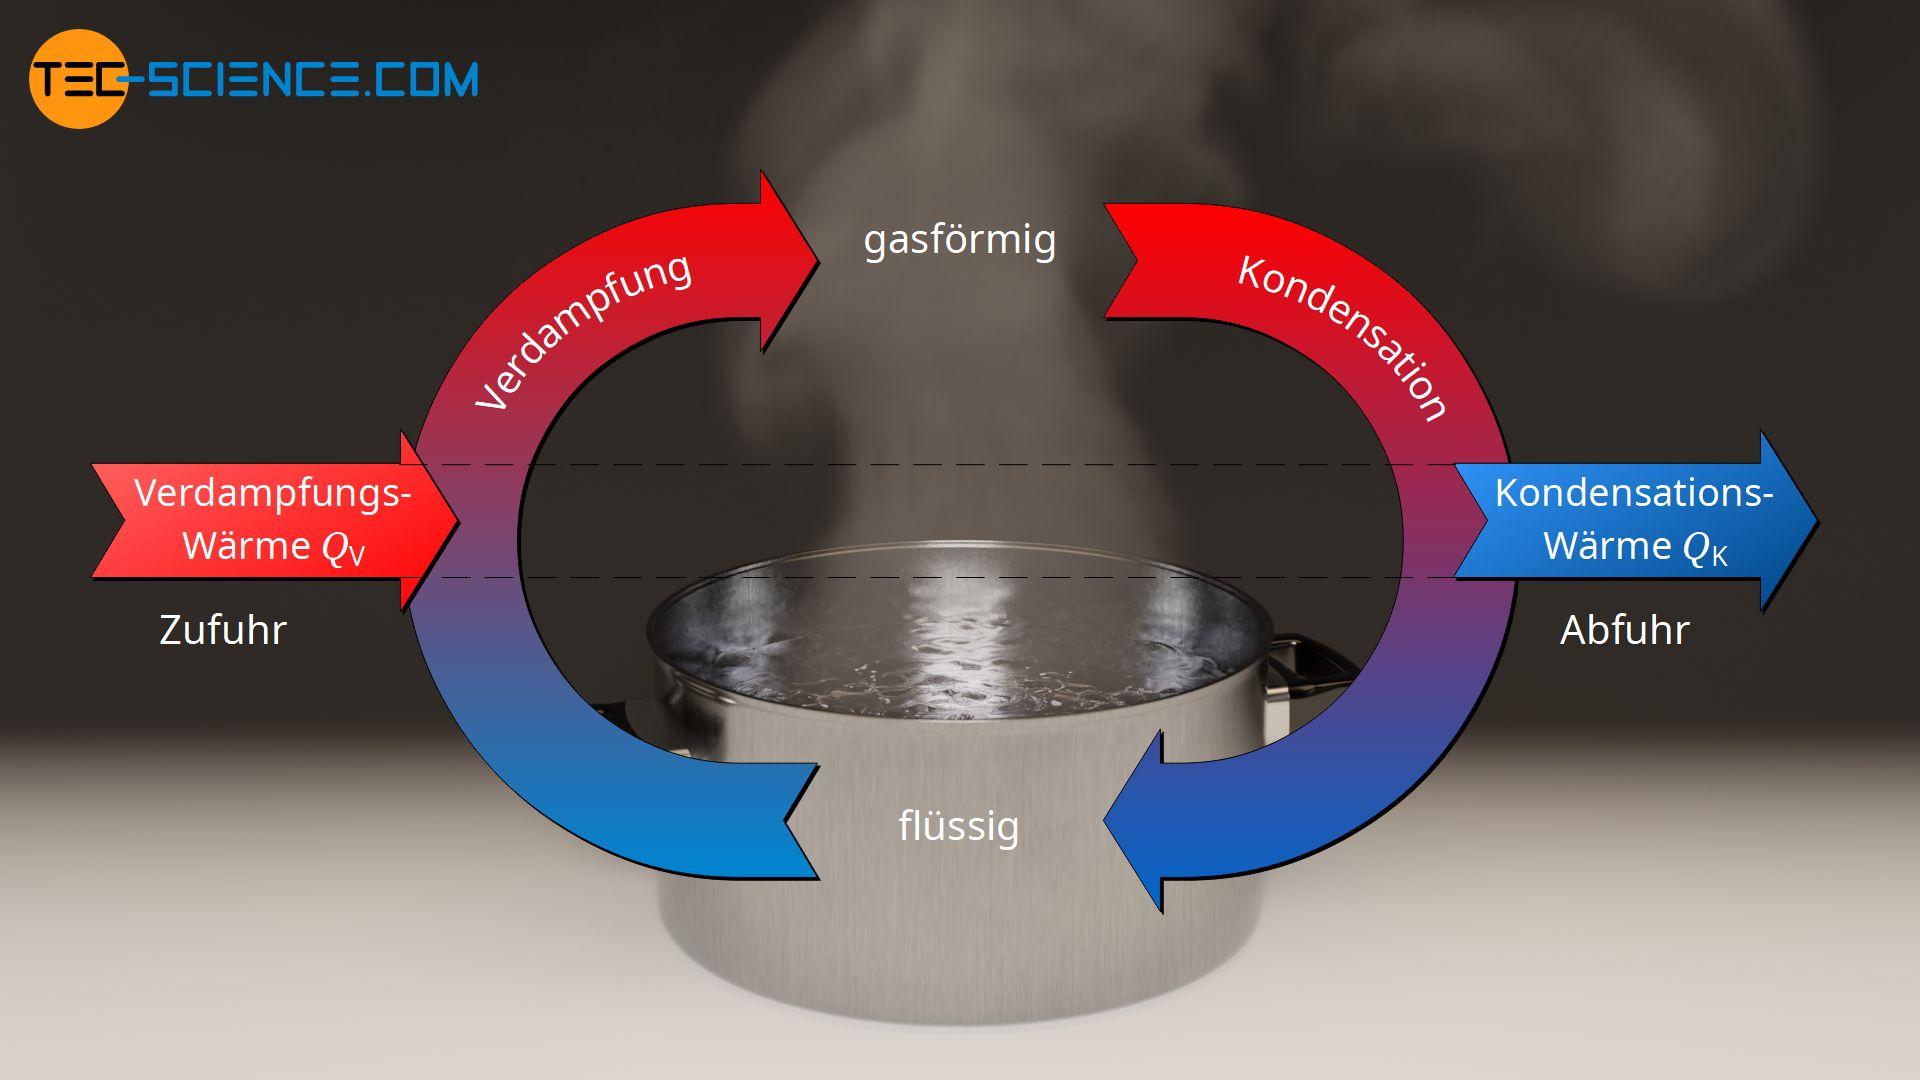 Energieflussdiagramm des Verdampfens und Kondensierens